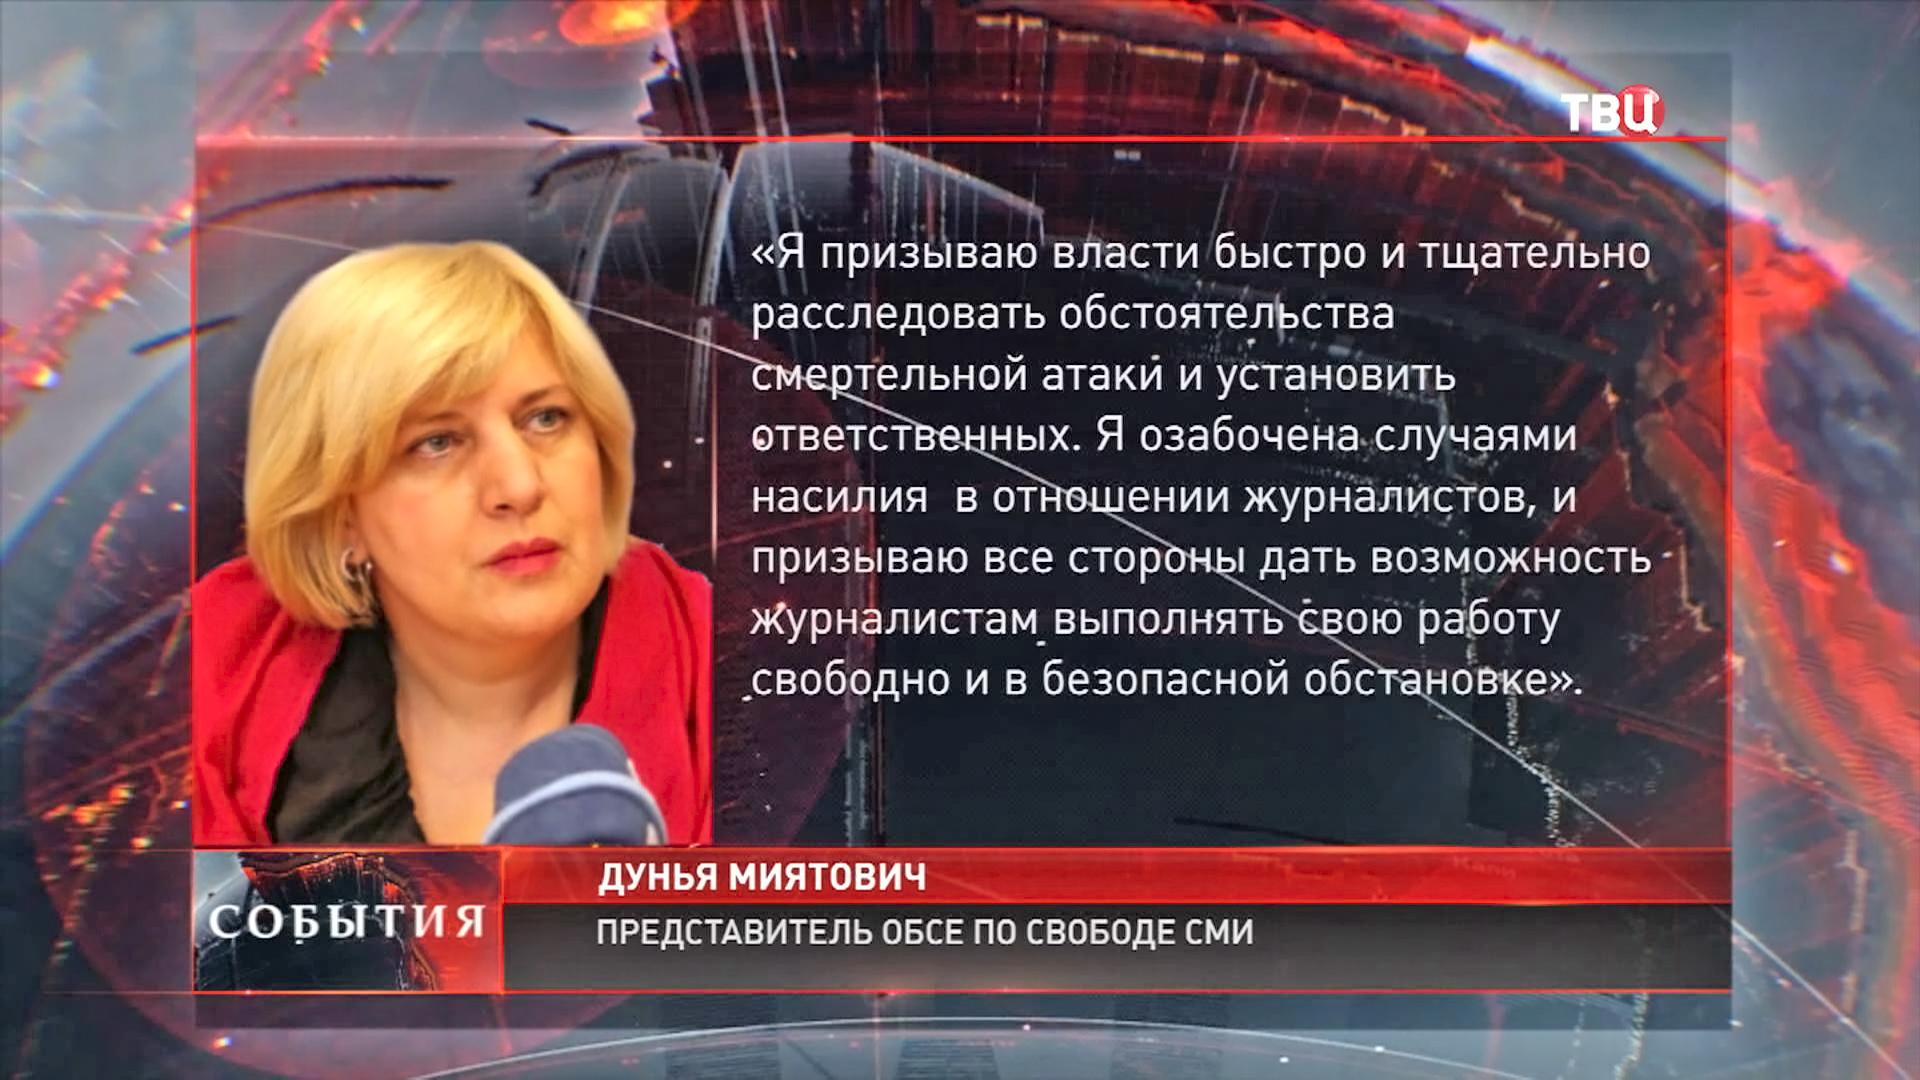 Представитель ОБСЕ по свободе СМИ Дунья Миятович